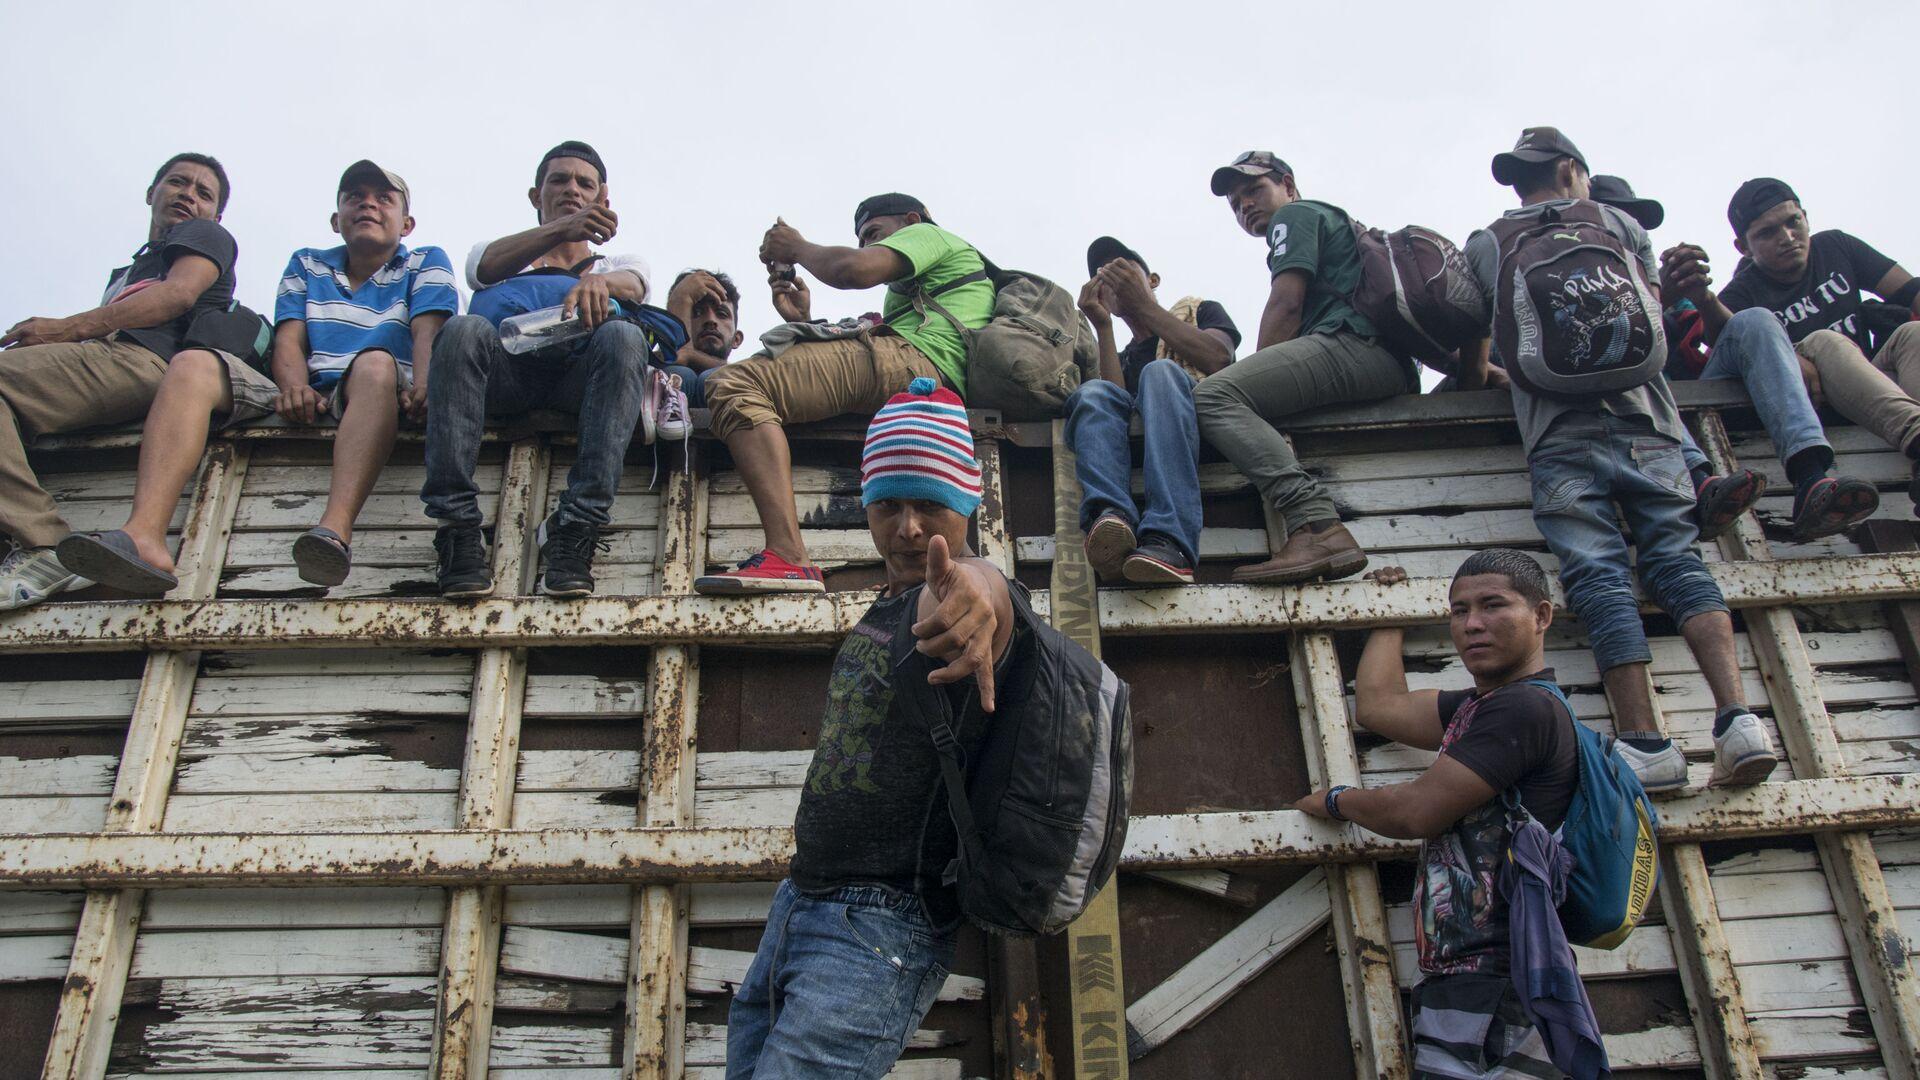 Những người dân di cư từ Honduras đang hòa vào dòng người đi qua lãnh tổ Mexico về hướng biên giới với Hoa Kỳ - Sputnik Việt Nam, 1920, 21.09.2021